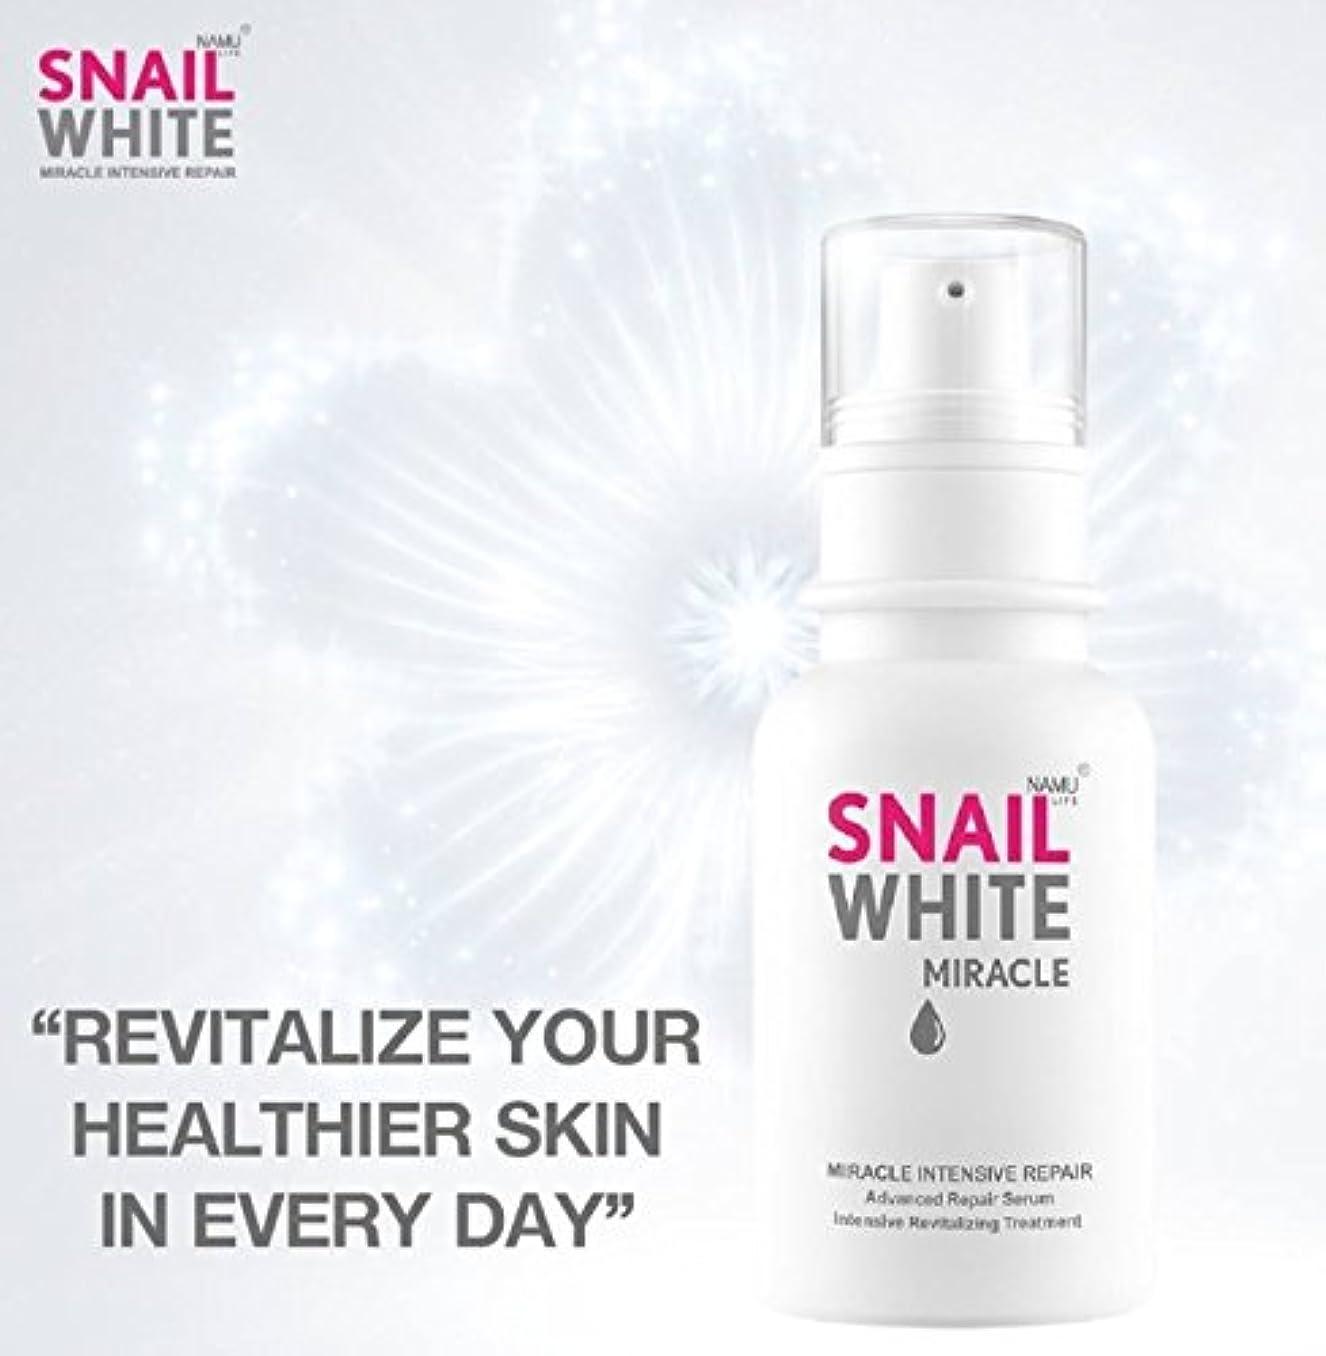 つづり美人持続する【SNAIL WHITE】 スネイルホワイト ミラクルリペアセラム 30ml ホワイトニング